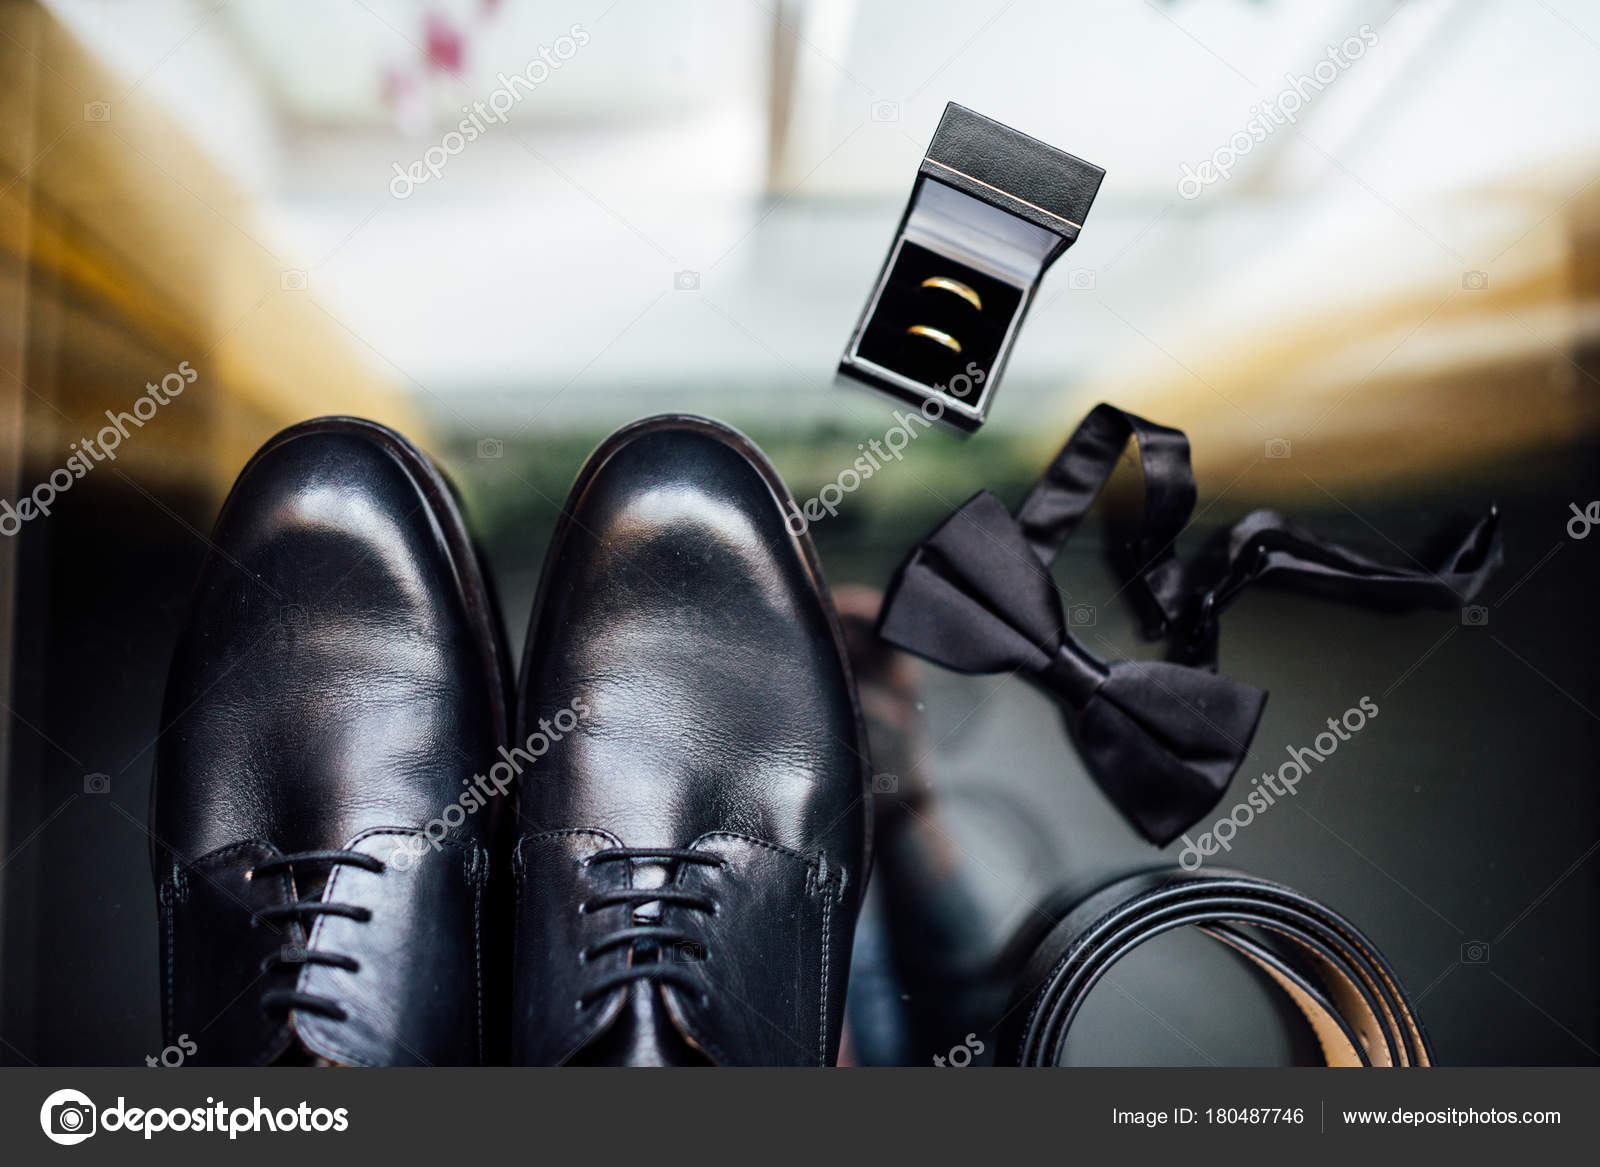 6973a1b6e819 Dettagli Del Matrimonio Accessori Sposo Scarpe Anelli Cintura Papillon —  Foto Stock